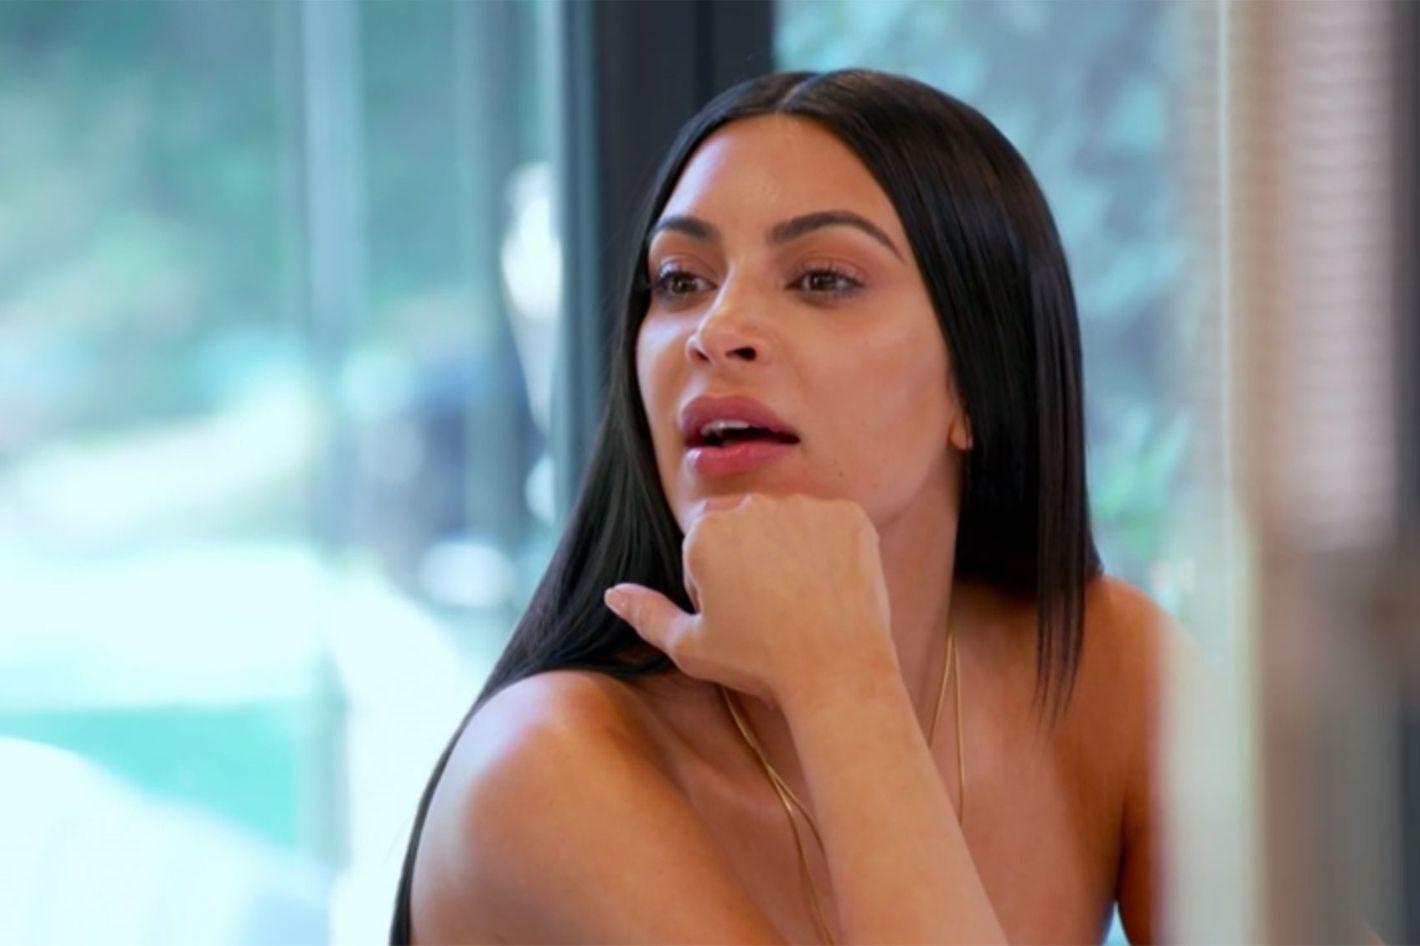 Keeping Up With the Kardashians Season 14, Episode 11: Recap